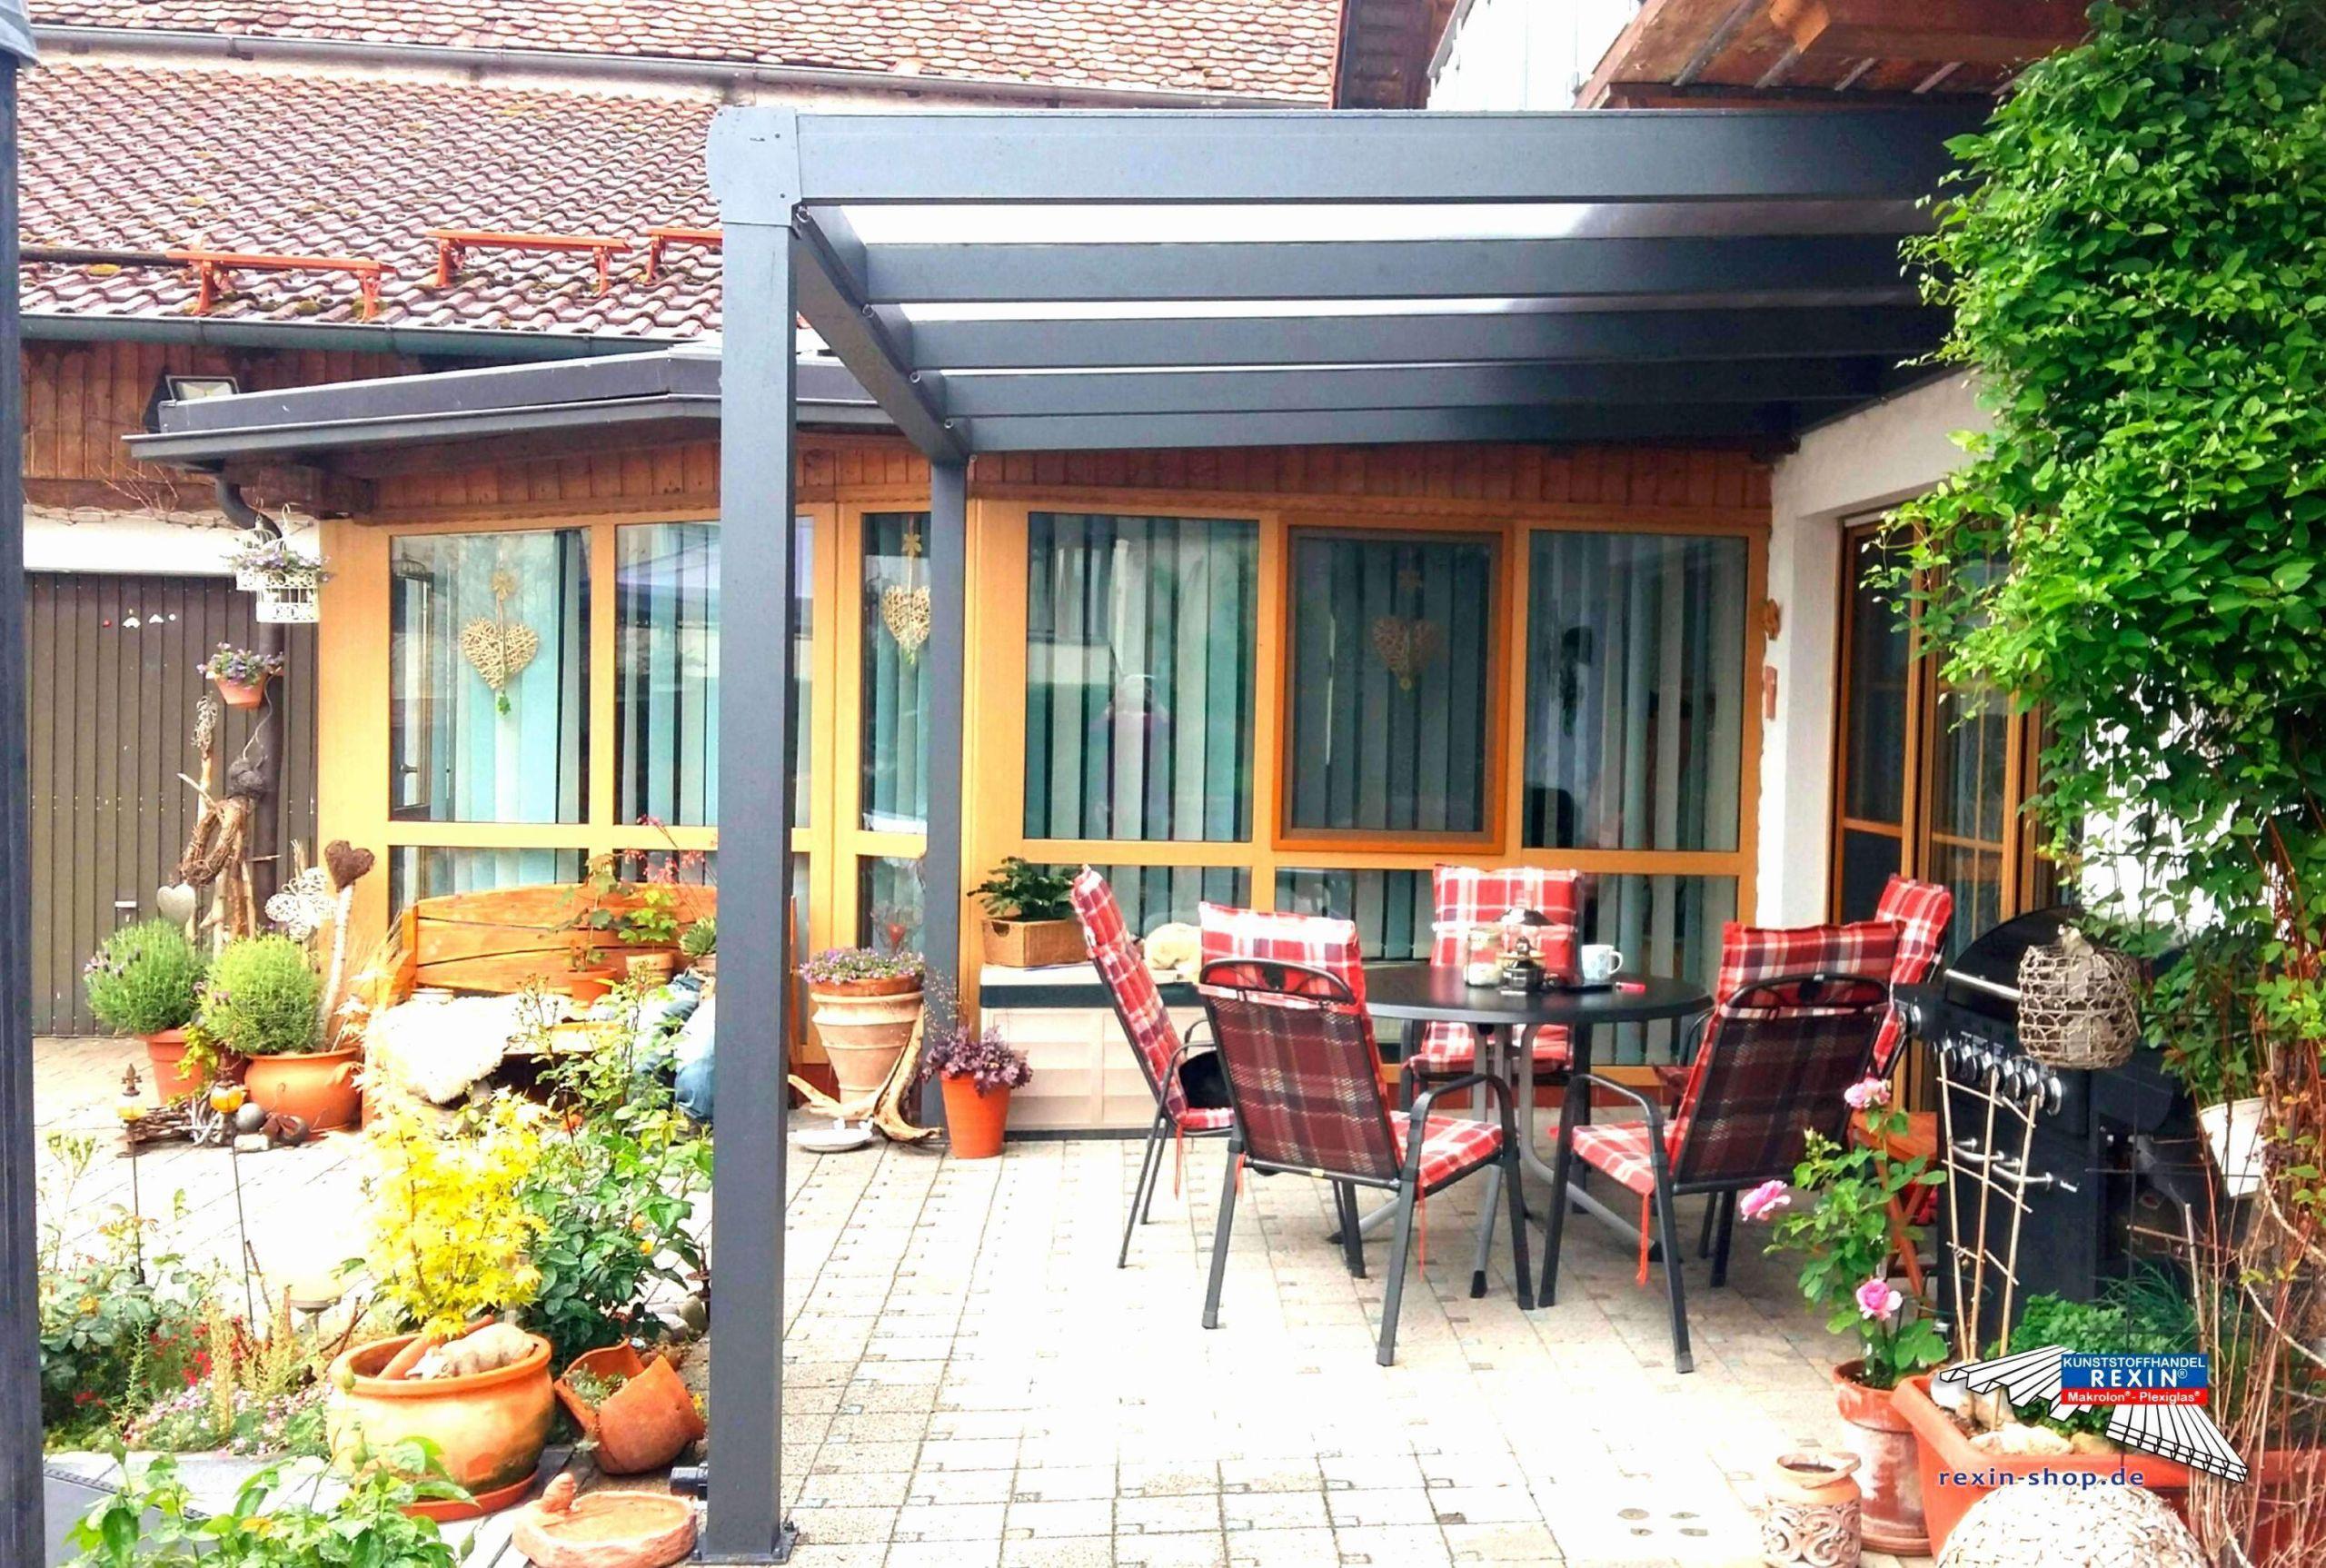 garten terrassen ideen frisch garten beispiele 35 inspirierend gartengestaltung ideen of garten terrassen ideen scaled